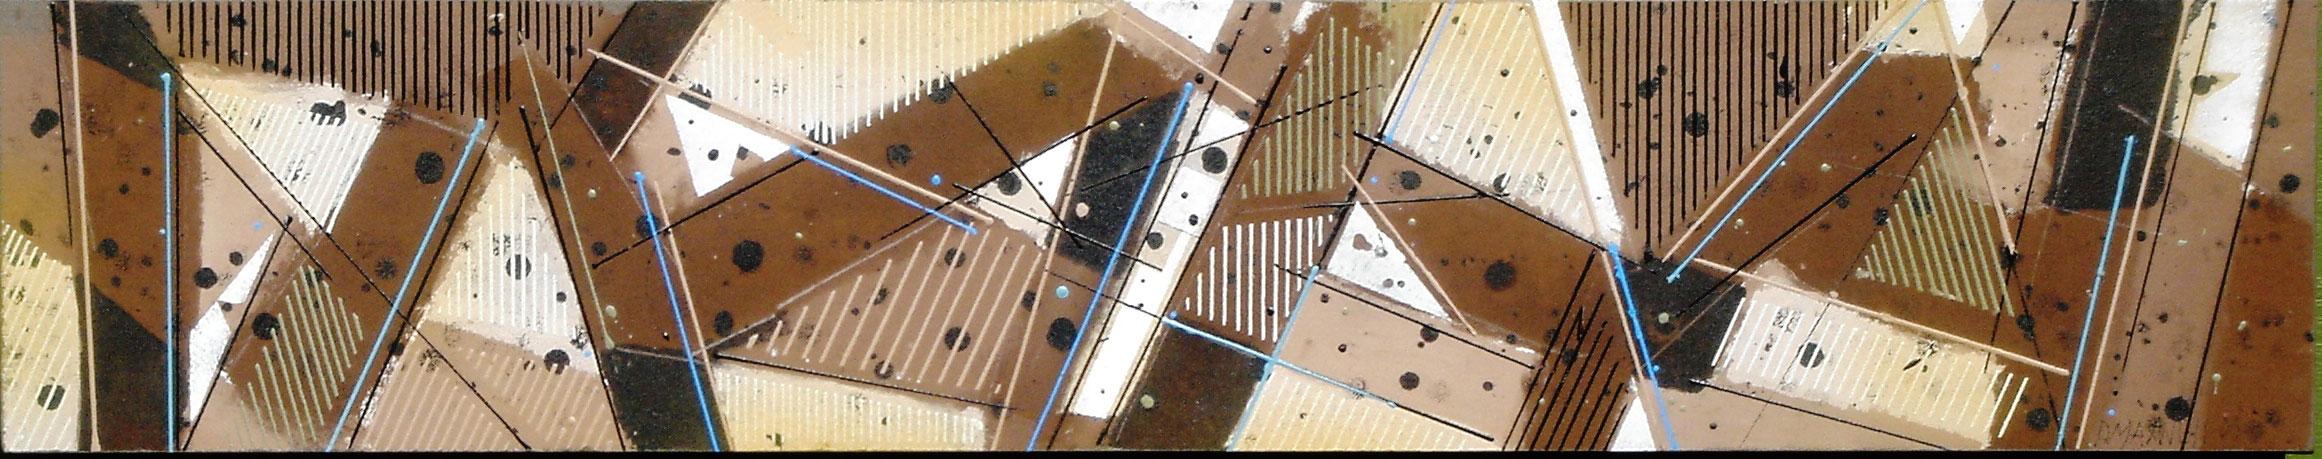 Ambler 2 2006 OCT 12x60